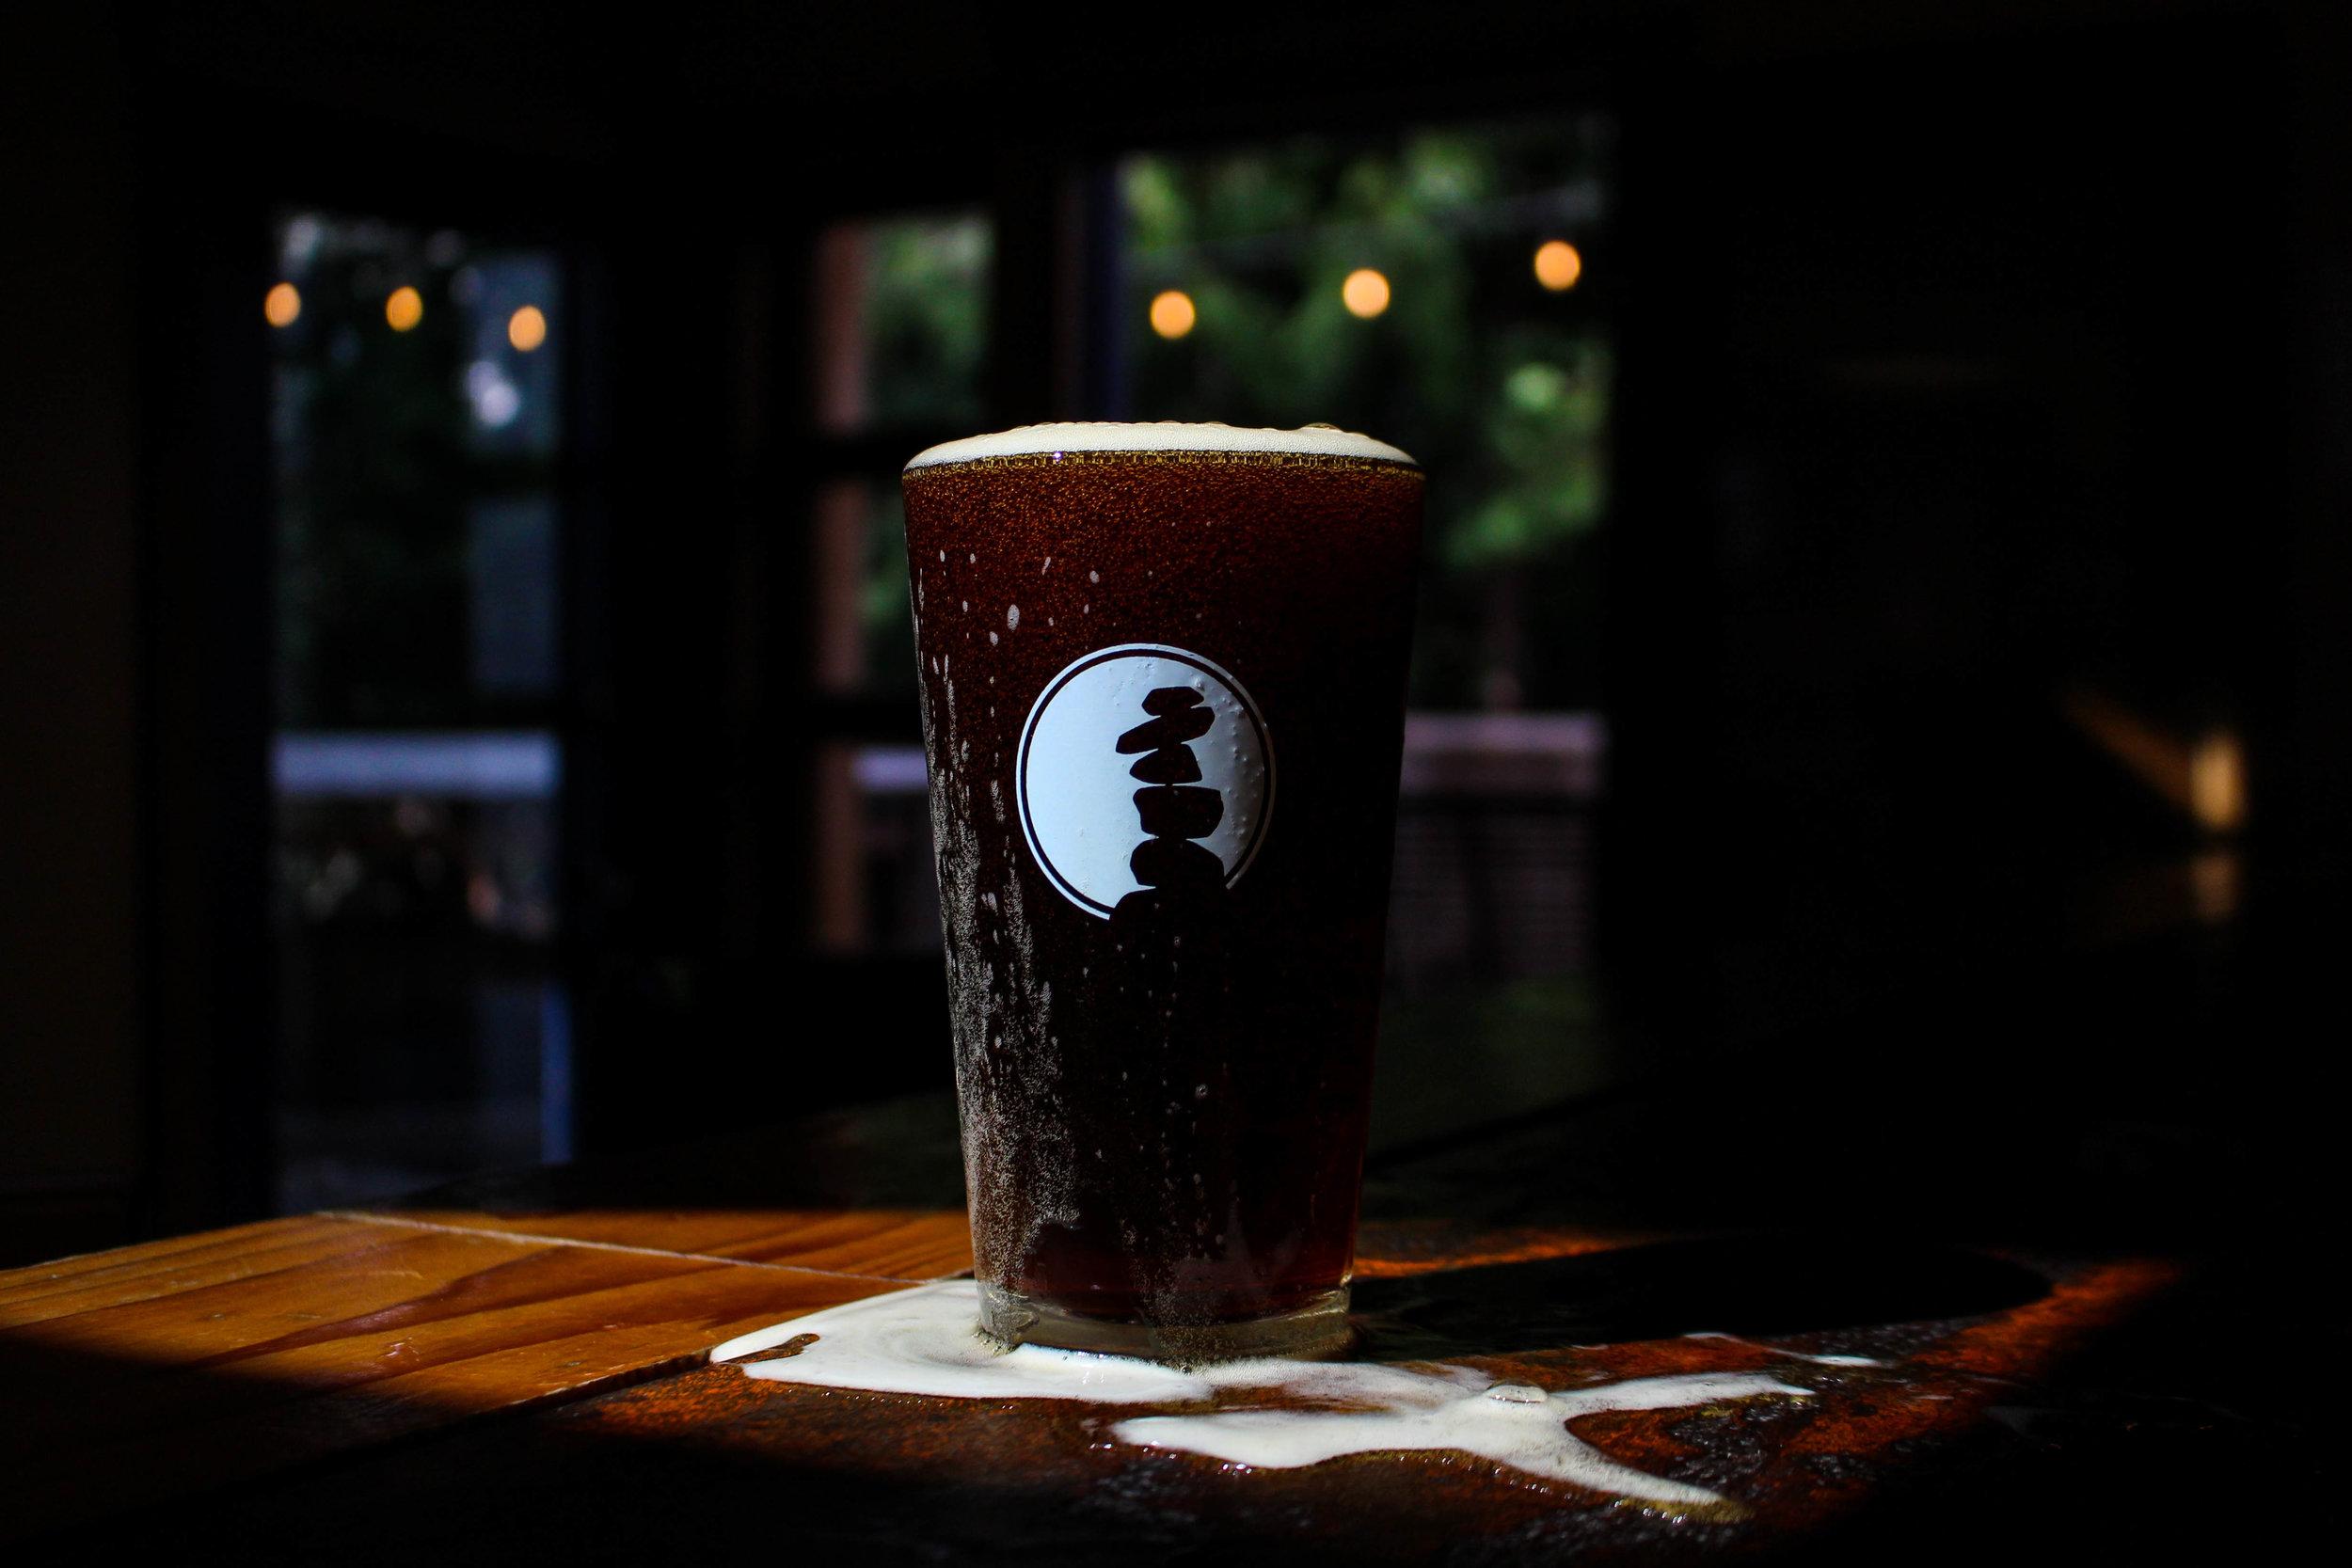 cool beer photo.jpg